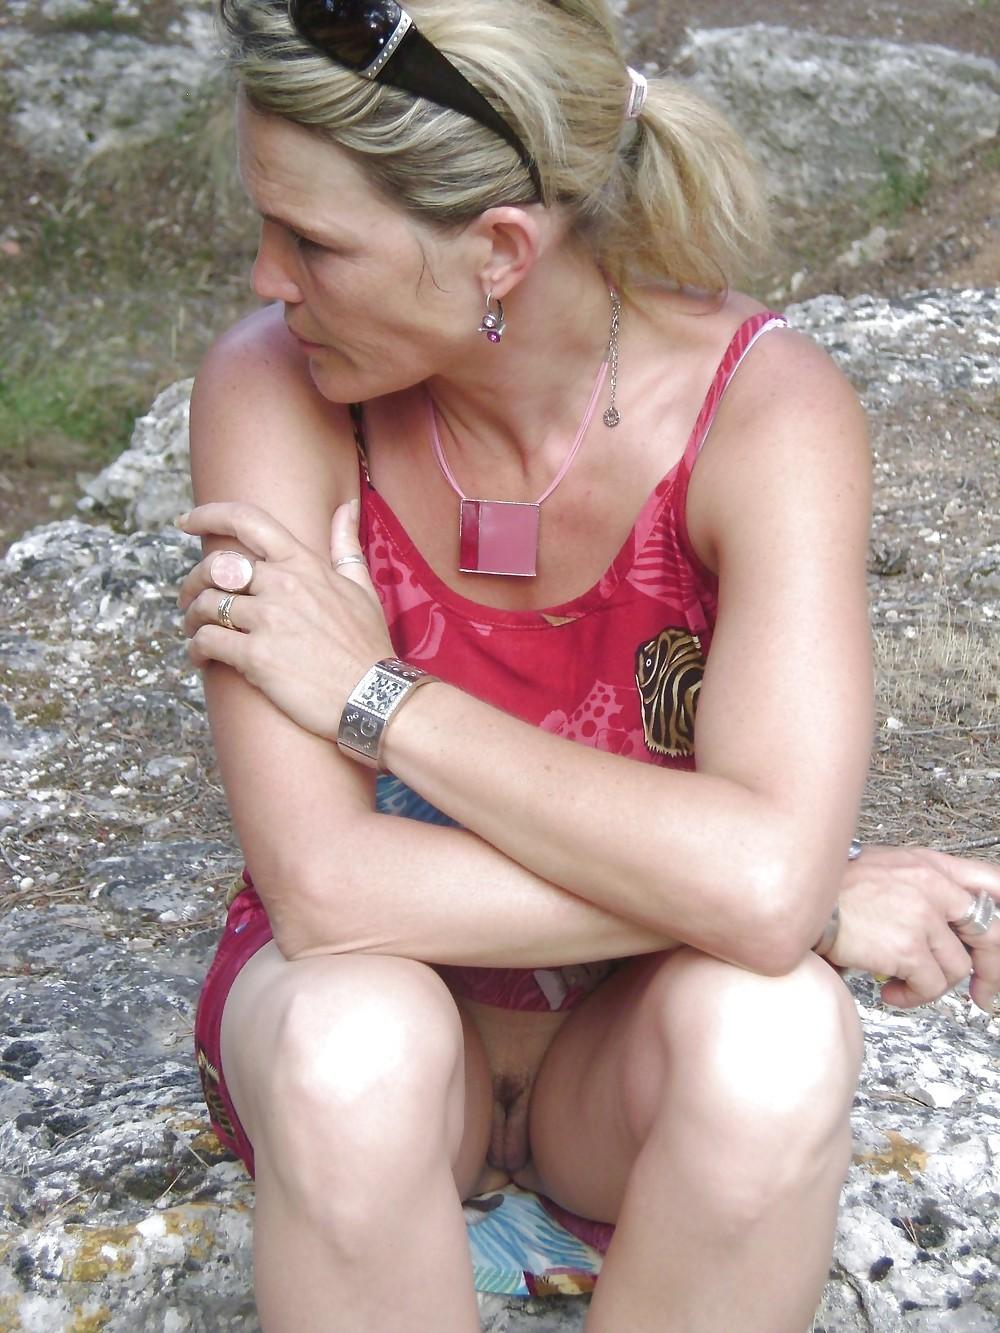 Mature women upskirt-4585